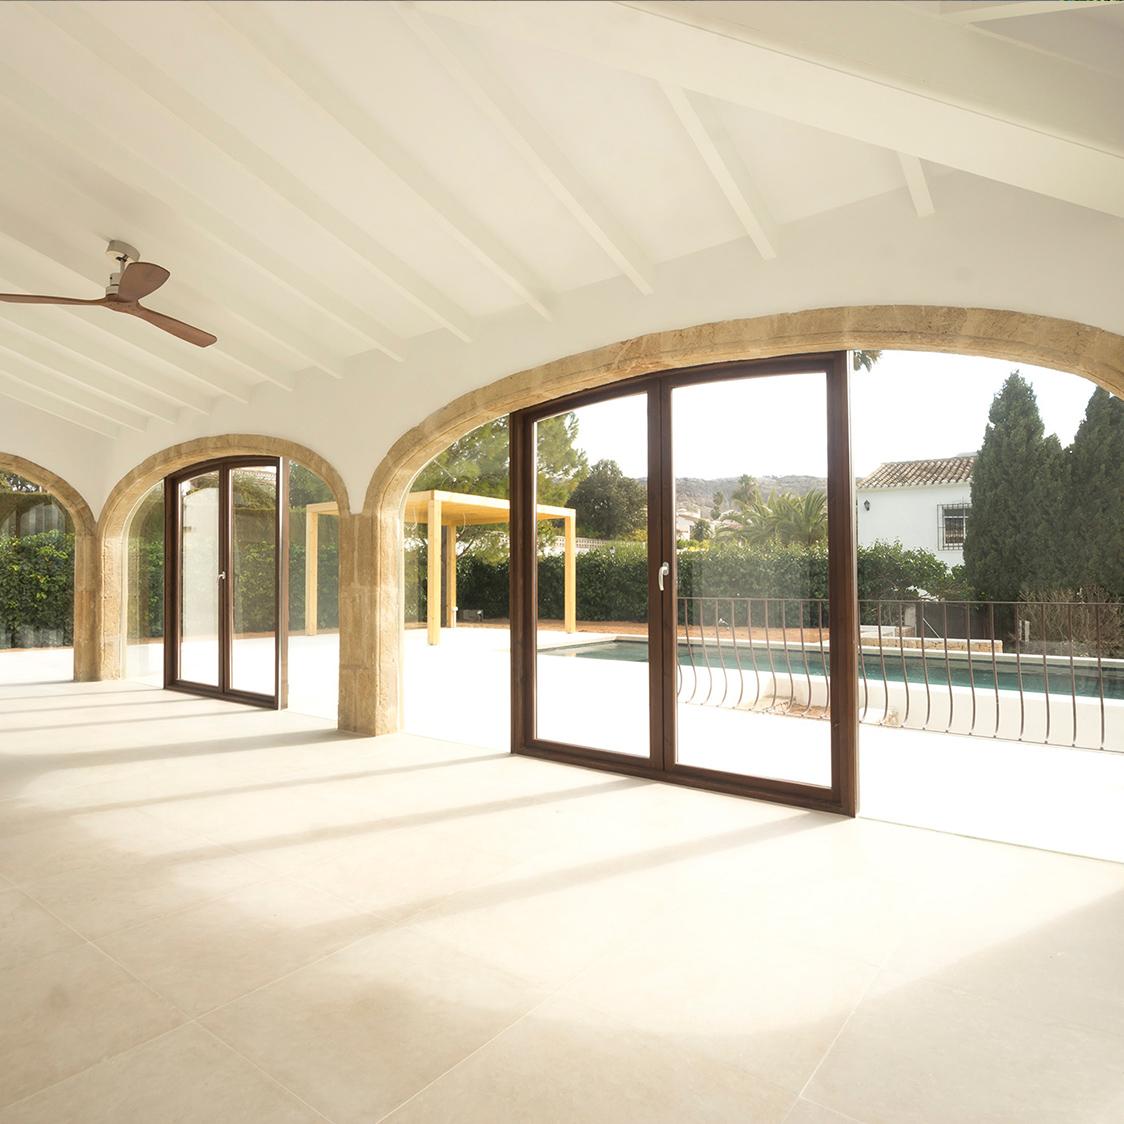 Hausrenovierung mit traditioneller Inneneinrichtung, die eine warme Atmosphäre schafft